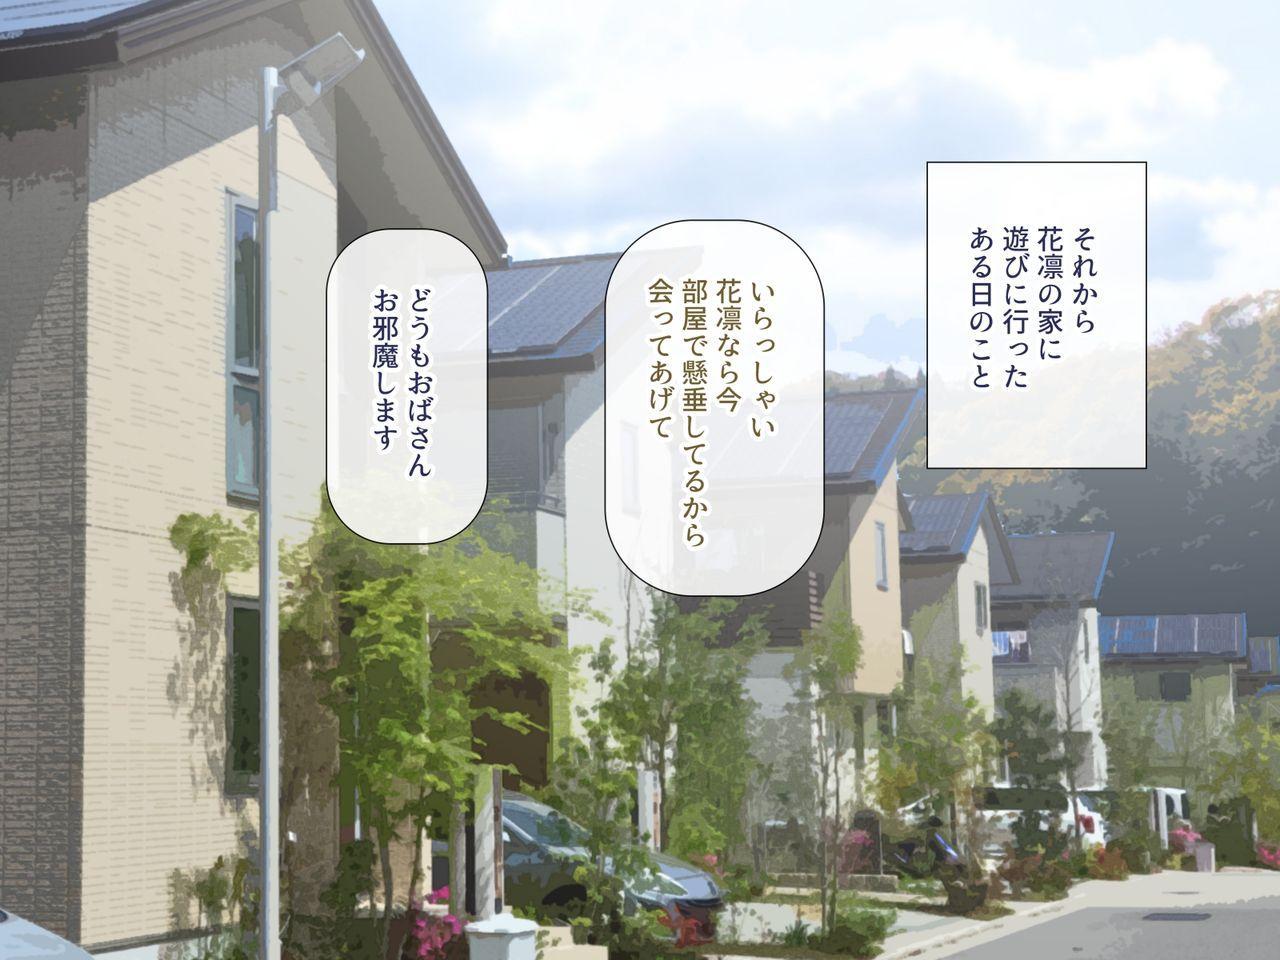 Uchiki na Jyumai ga Ore no Tame ni Karada o Kitaeta Kekka 39